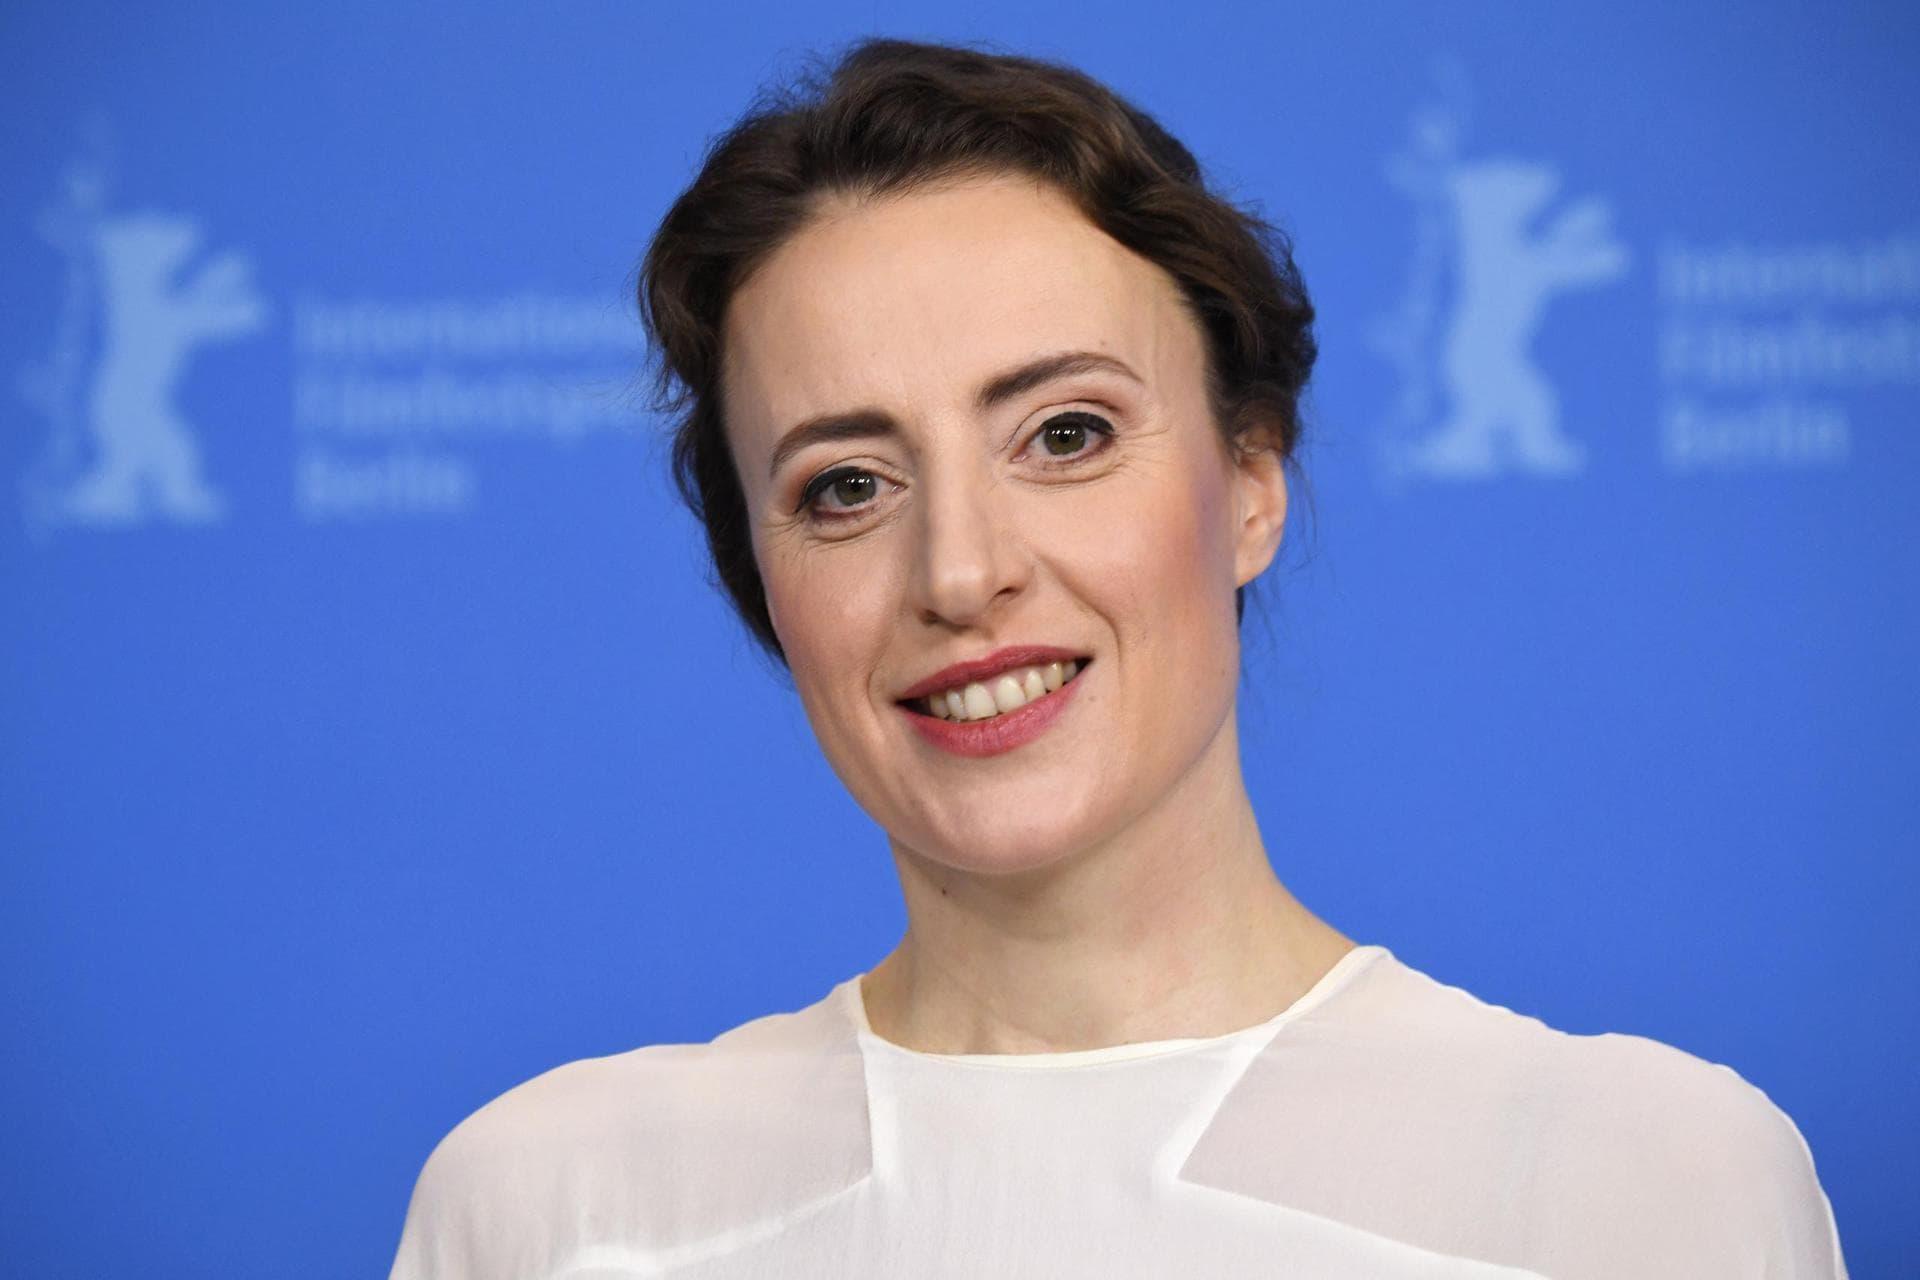 Berlinale 2021: Goldener Bär geht an rumänische Satire Filmfestival